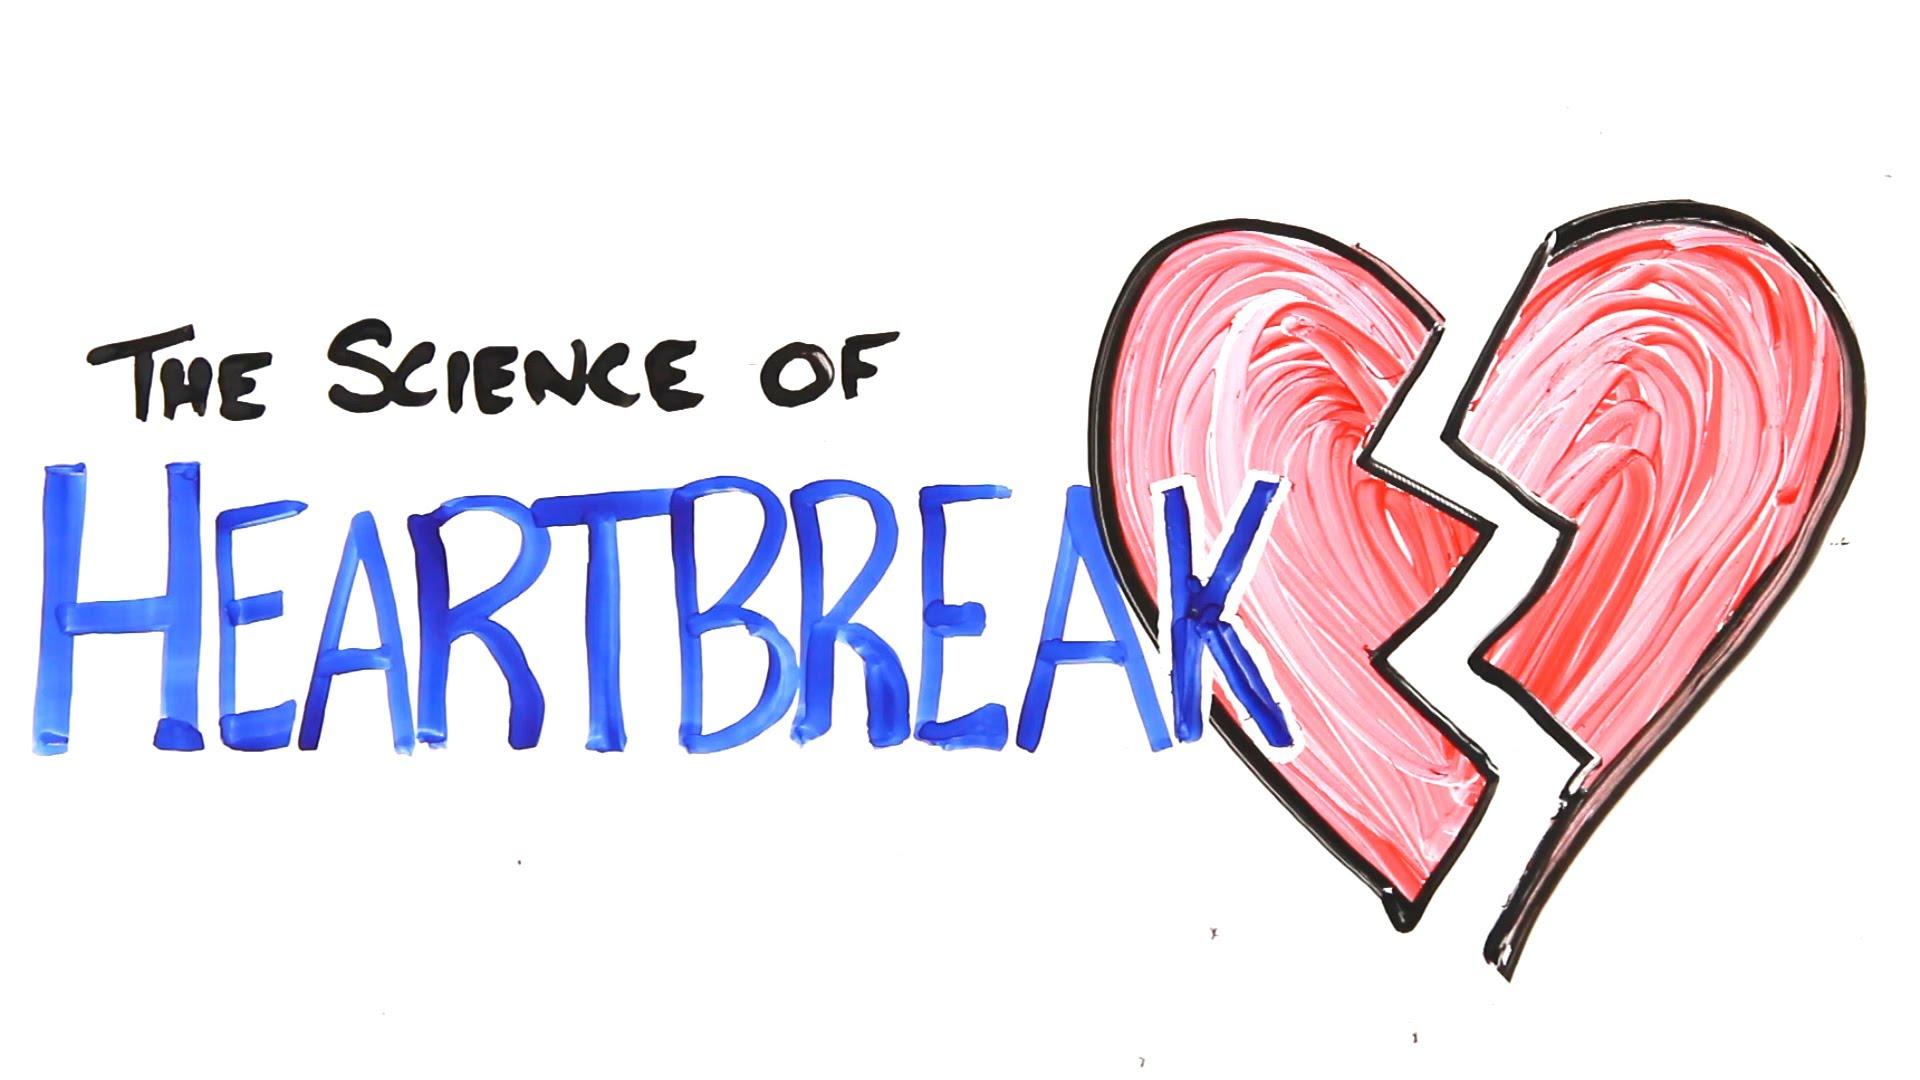 「失恋の科学、なぜ心が痛いの?」- The Science of Heartbreak